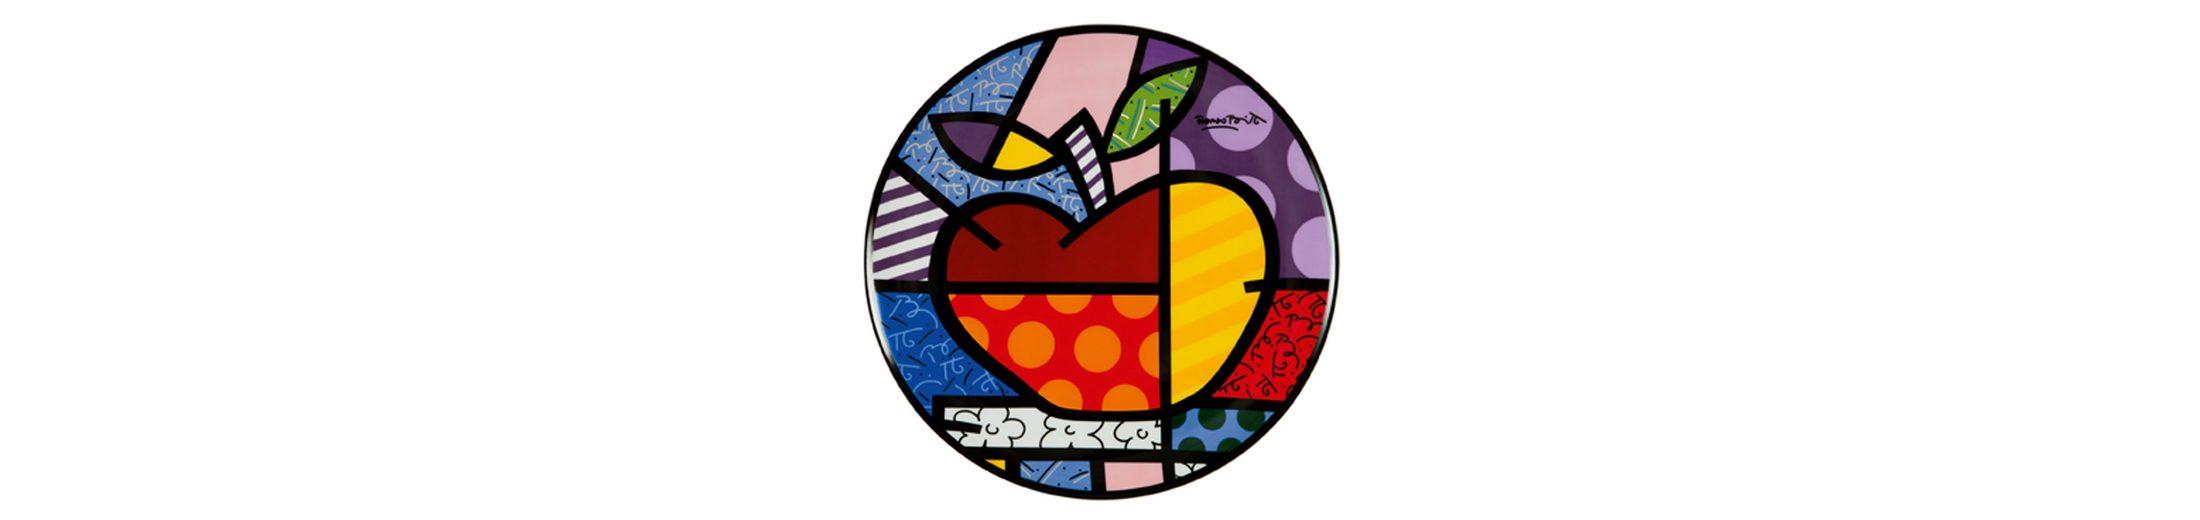 Goebel Big Apple - Wandteller »Artis Orbis«